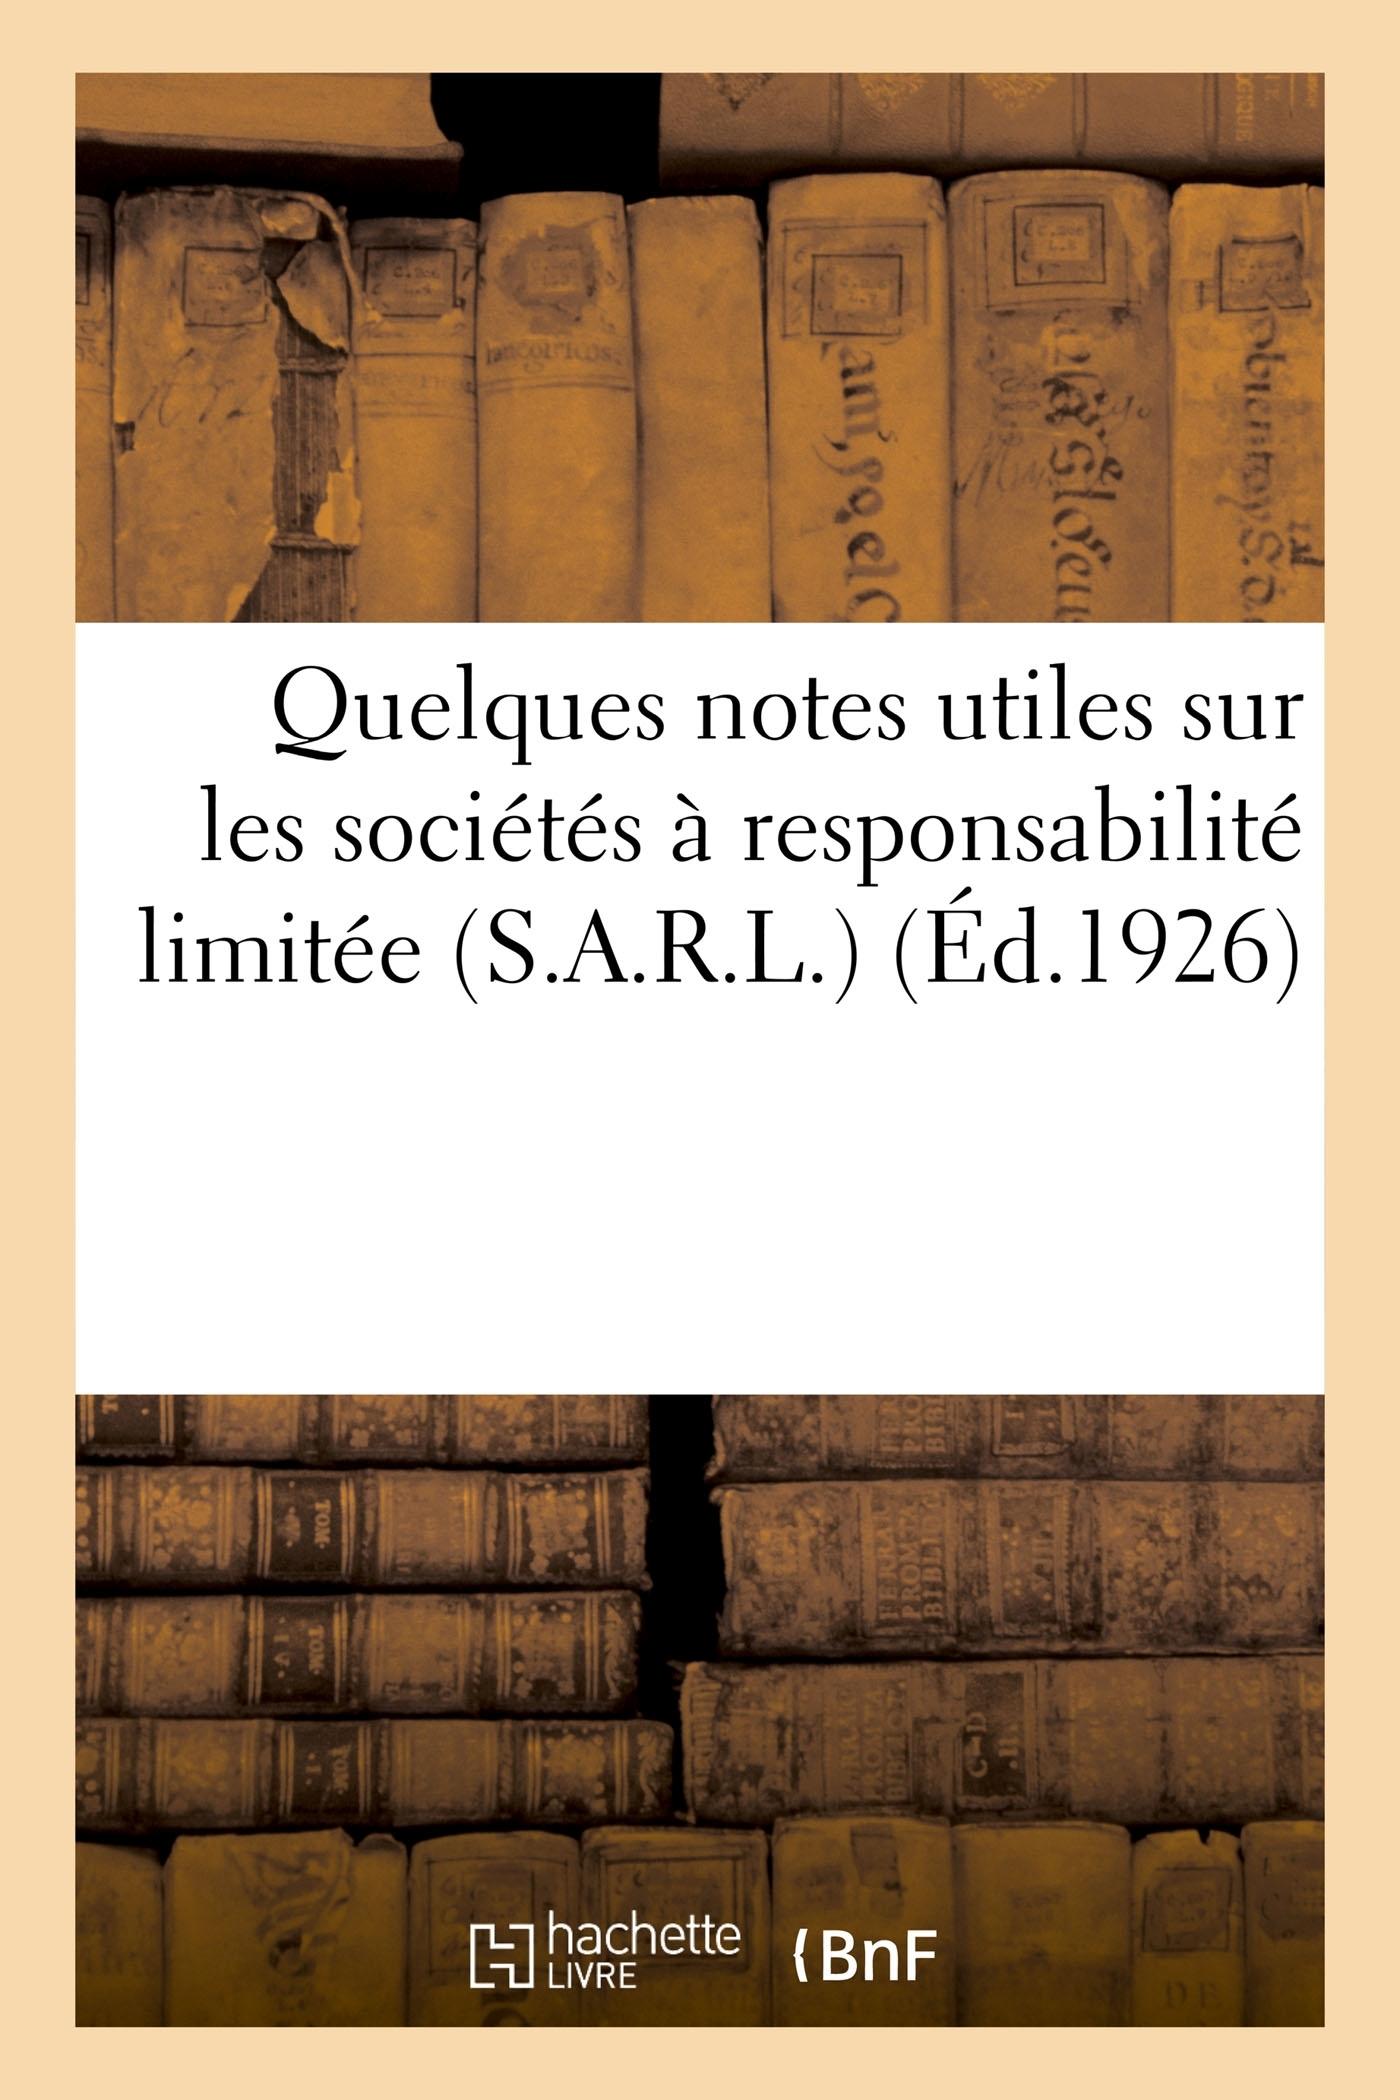 QUELQUES NOTES UTILES SUR LES SOCIETES A RESPONSABILITE LIMITEE (S.A.R.L.)